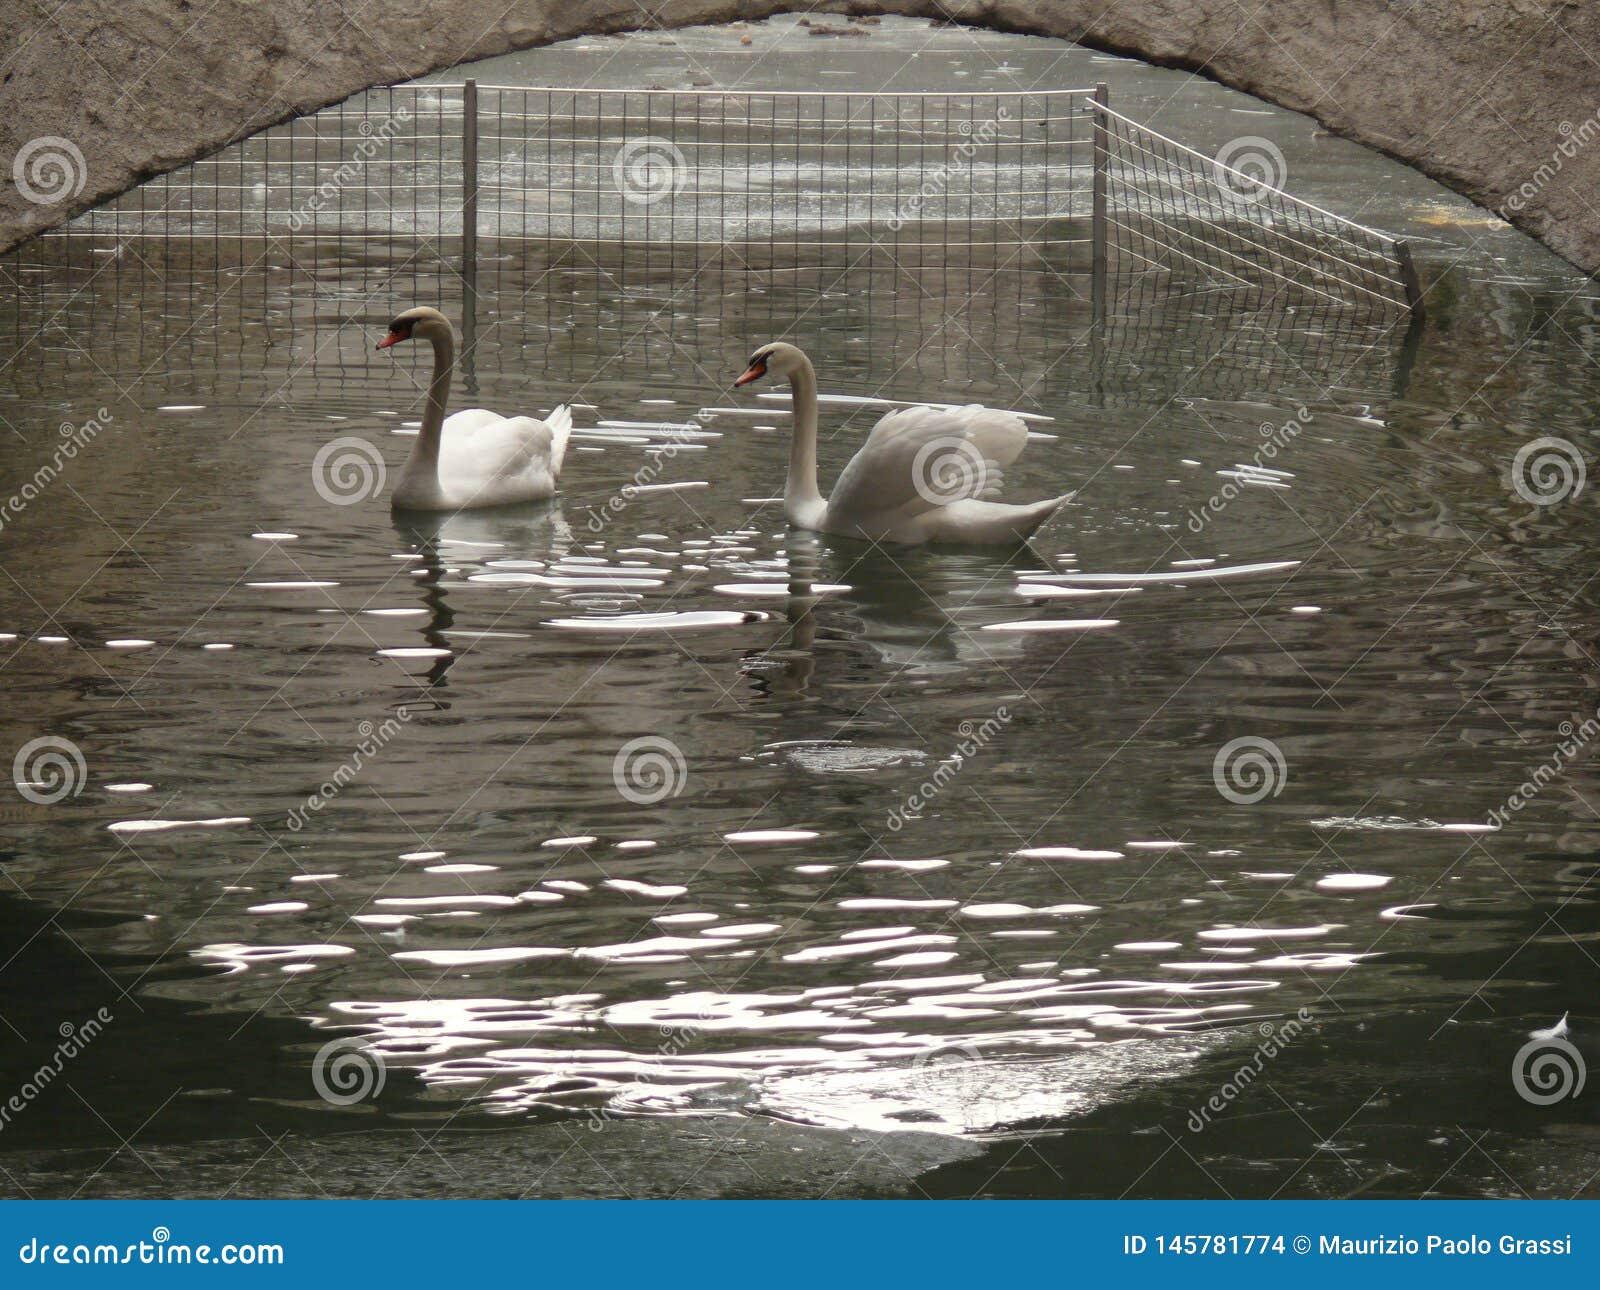 Two swans under a bridge